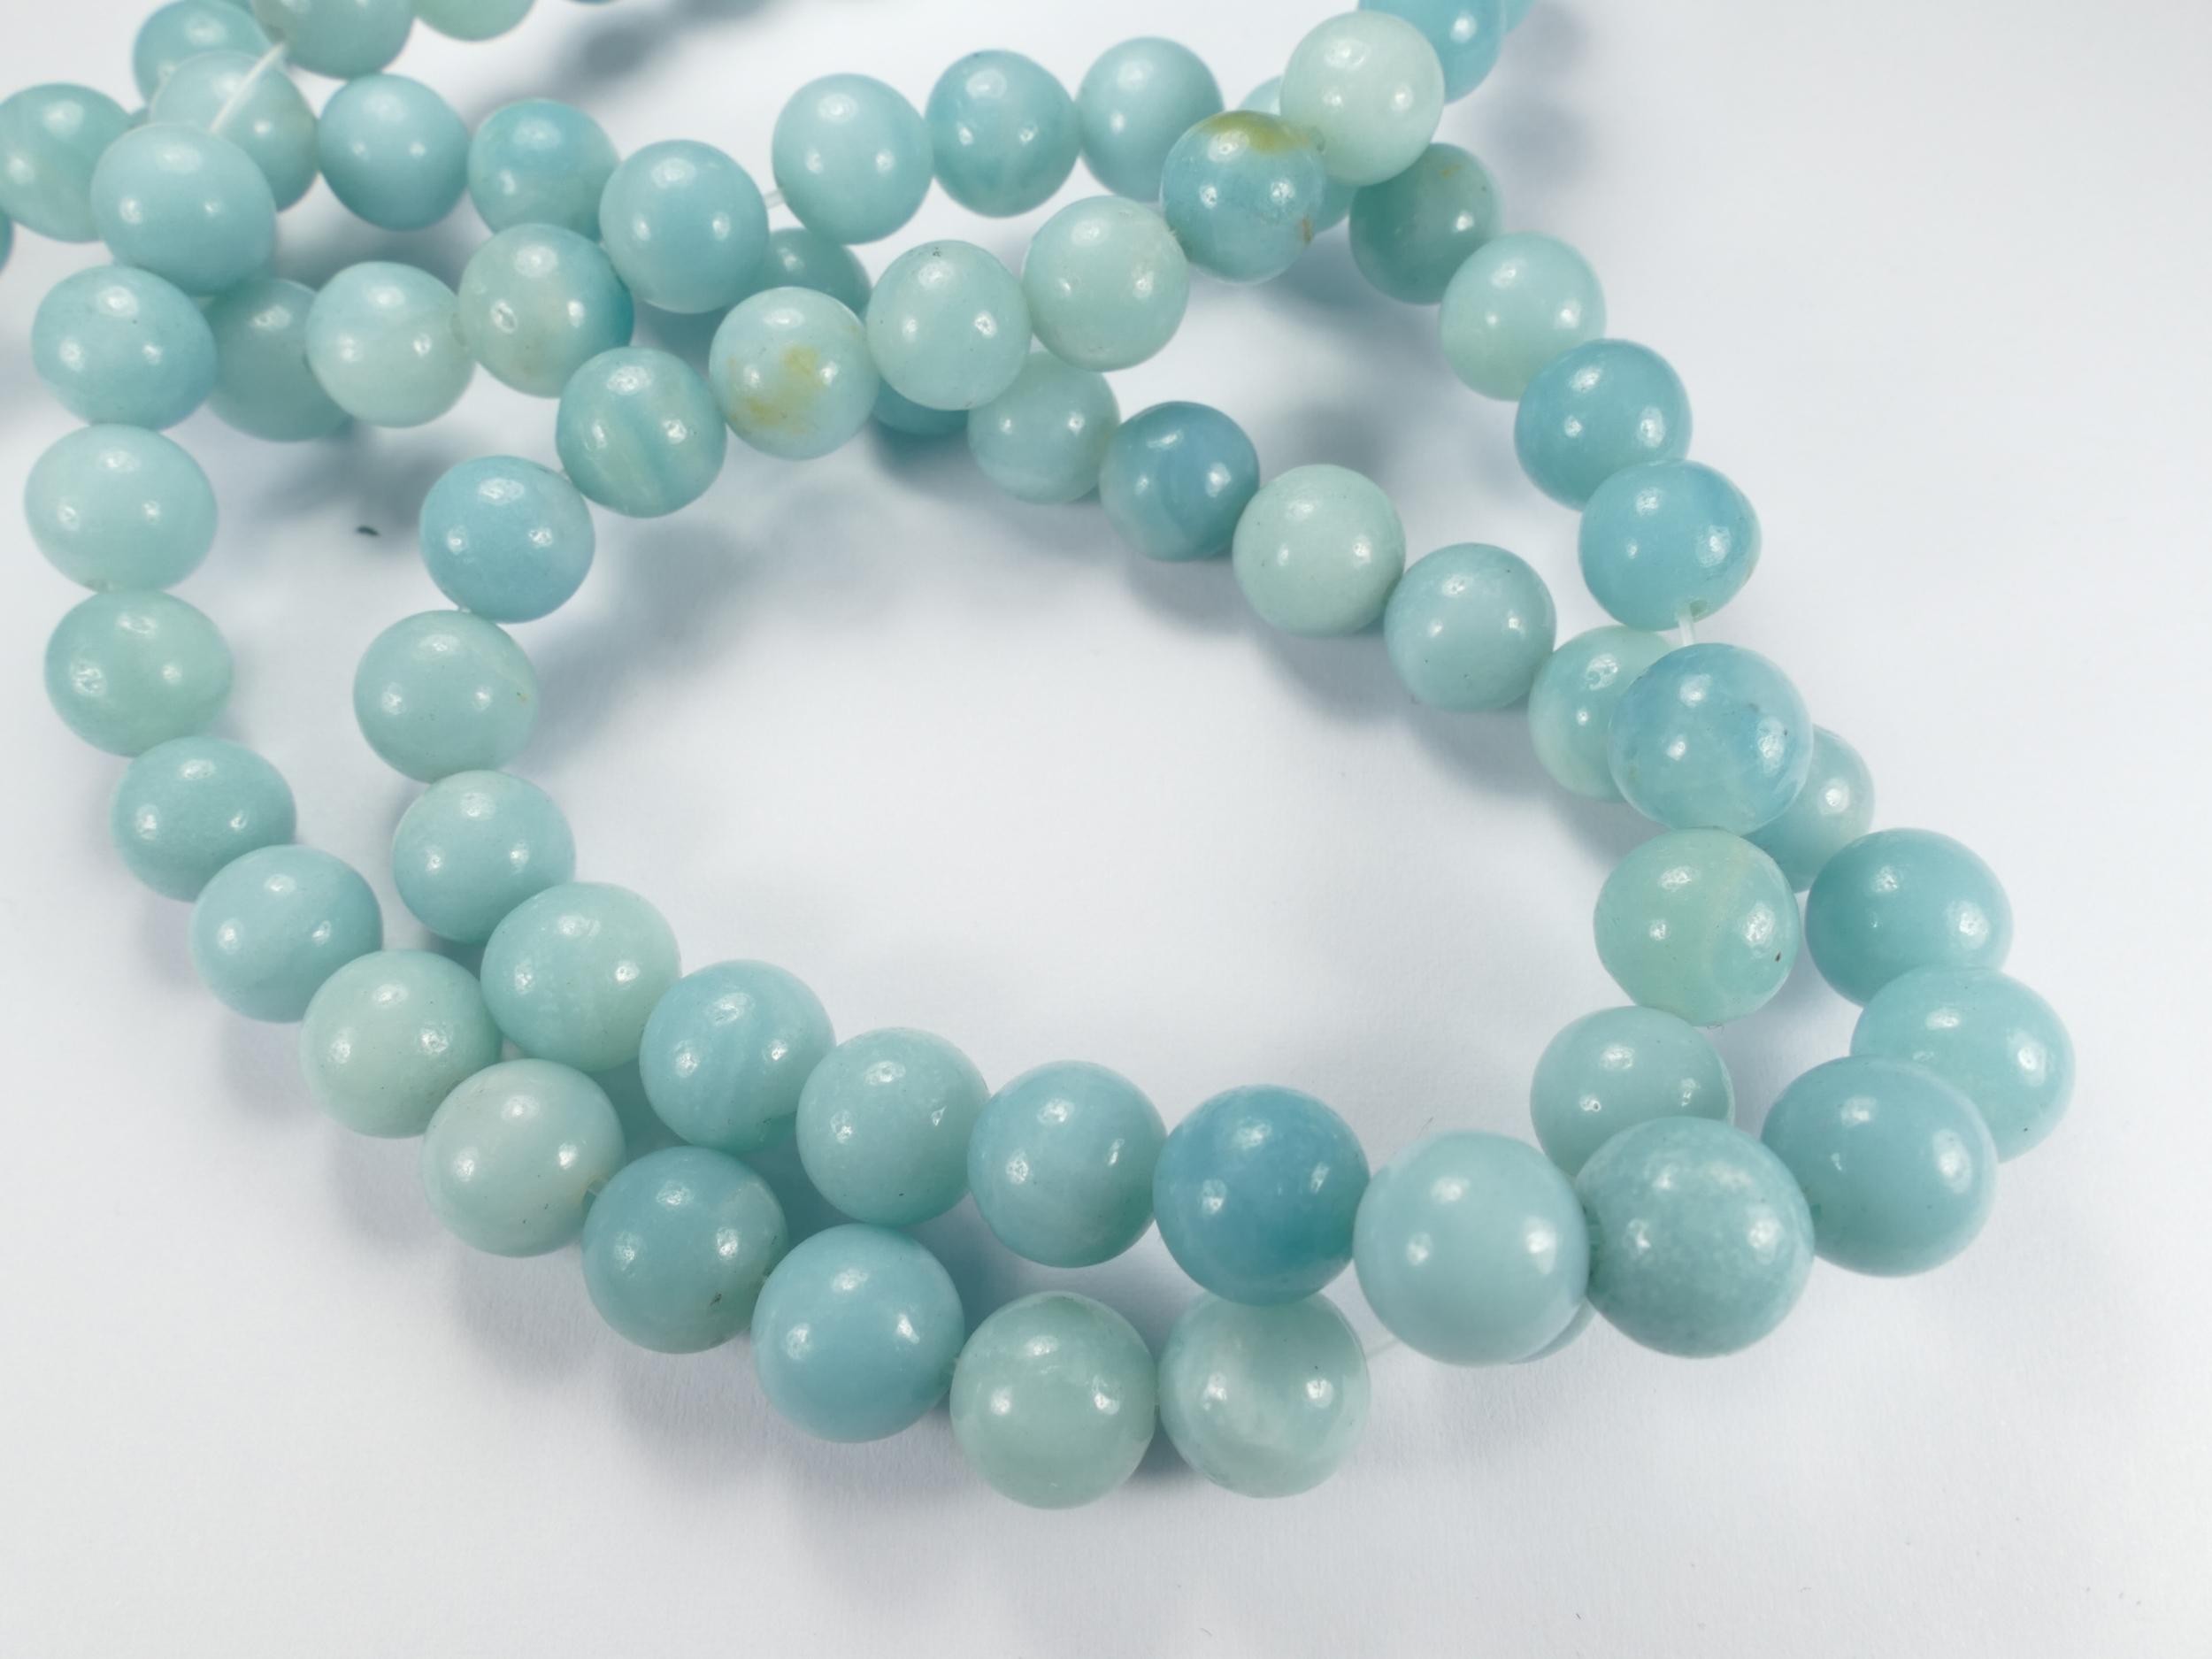 8.2/8.6mm x10 perles d\'Amazonite naturelle en boule / ronde Chine (#AC736)